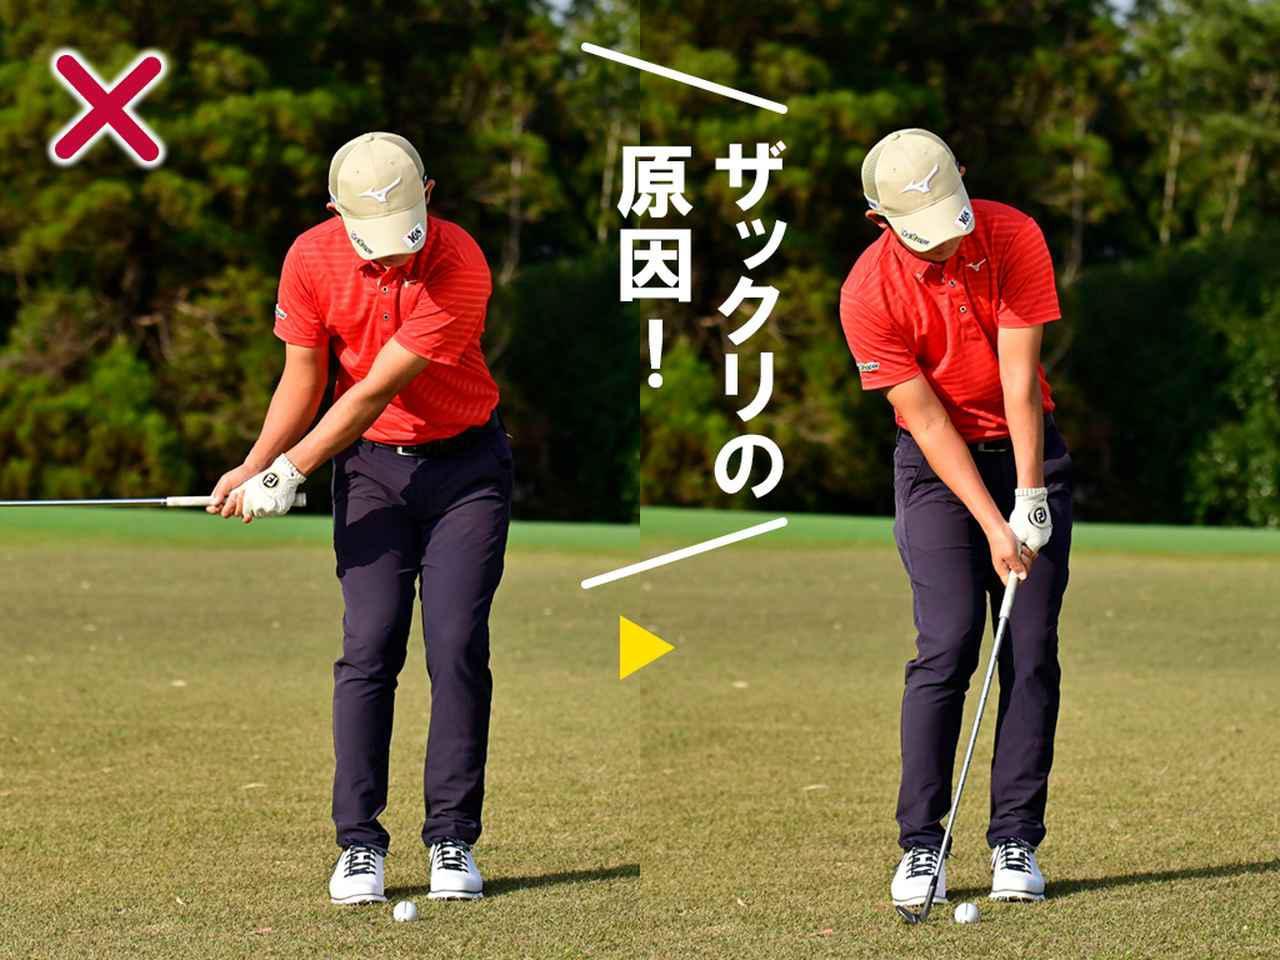 画像: テークバックの意識が強いと、振り幅が大きくなりやすい。すると、インパクトではスピードを落として合わせようとするため、途中でゆるみやすくなる。フォローで打つ意識を持ってスウィングしよう